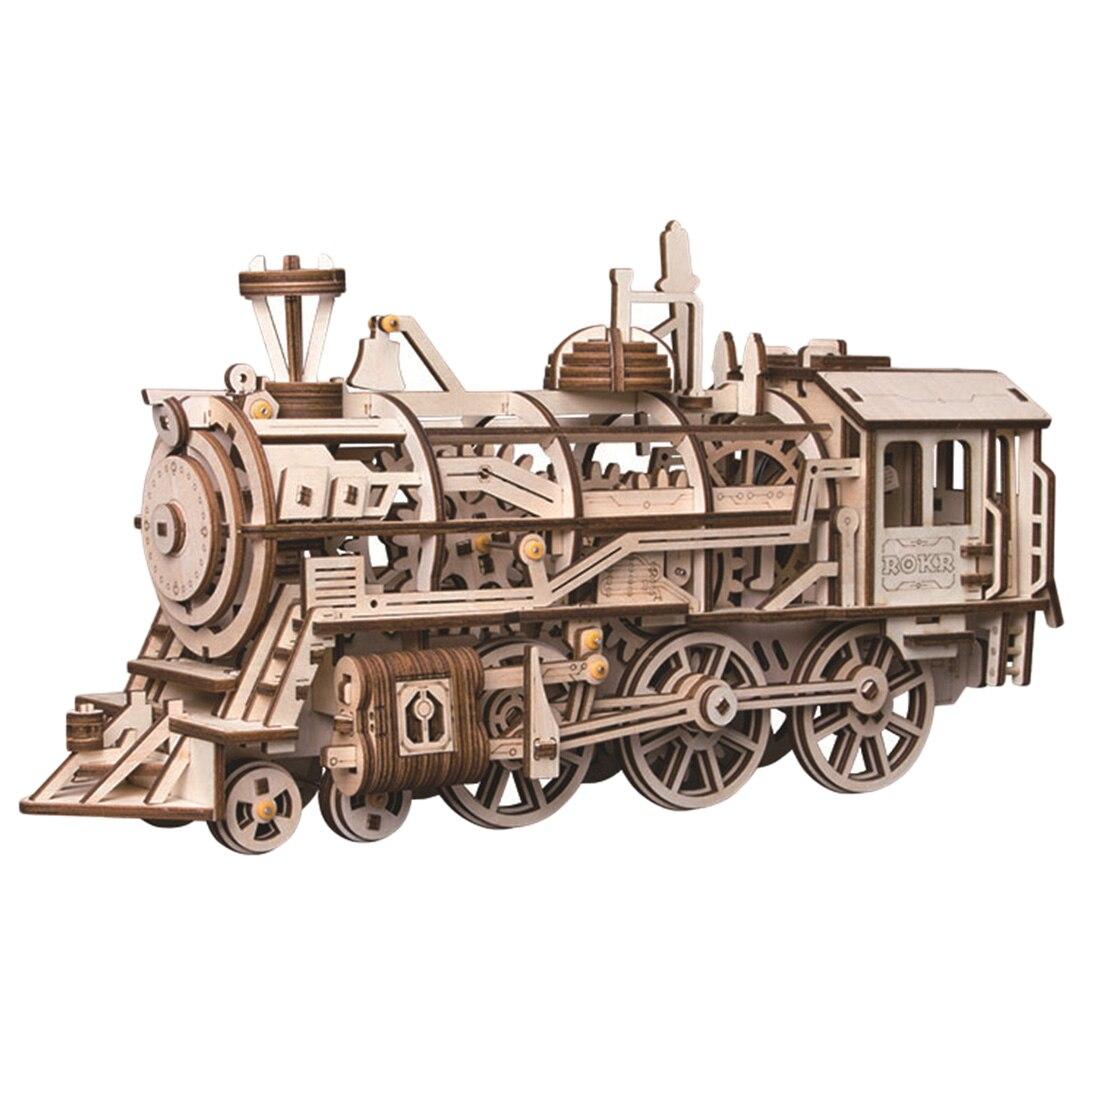 Hot Beliebte Kreative Mechanischen Getriebe 3D Holz Puzzle Für Kinder Bewegung Montiert Lokomotive Dampf Stem Geschenk Spielzeug Tropfen Schiff